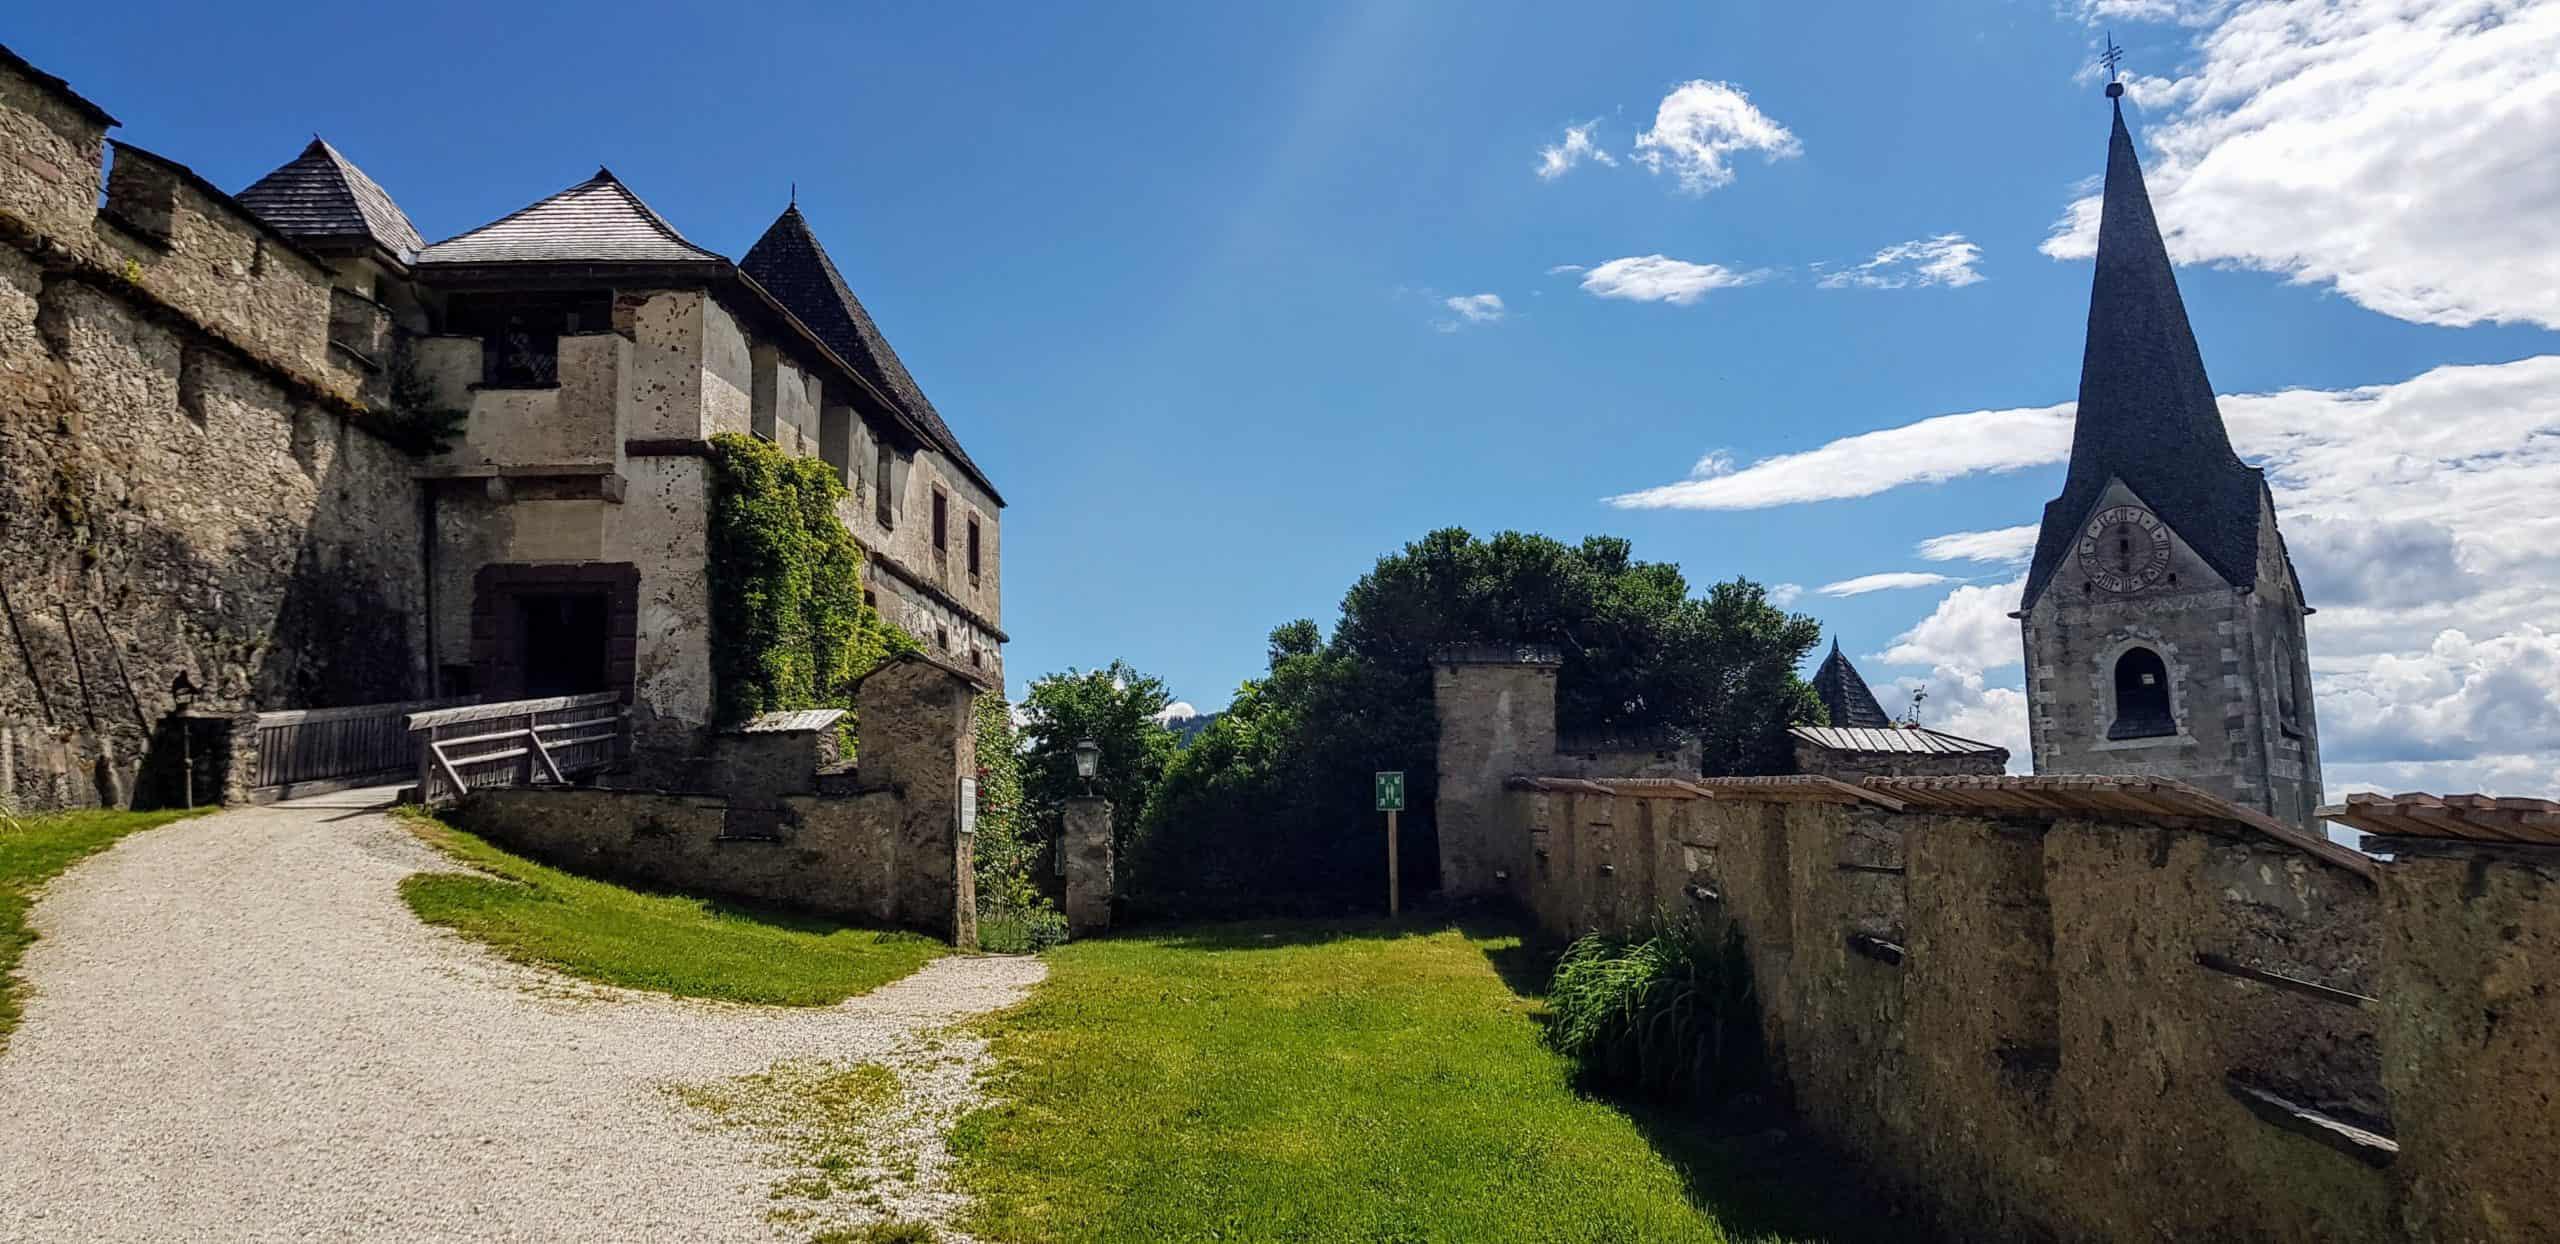 Kulmertor auf Burg Hochosterwitz - mittelalterliche Burgtore. Sehenswürdigkeit in Kärnten, Nähe St. Veit